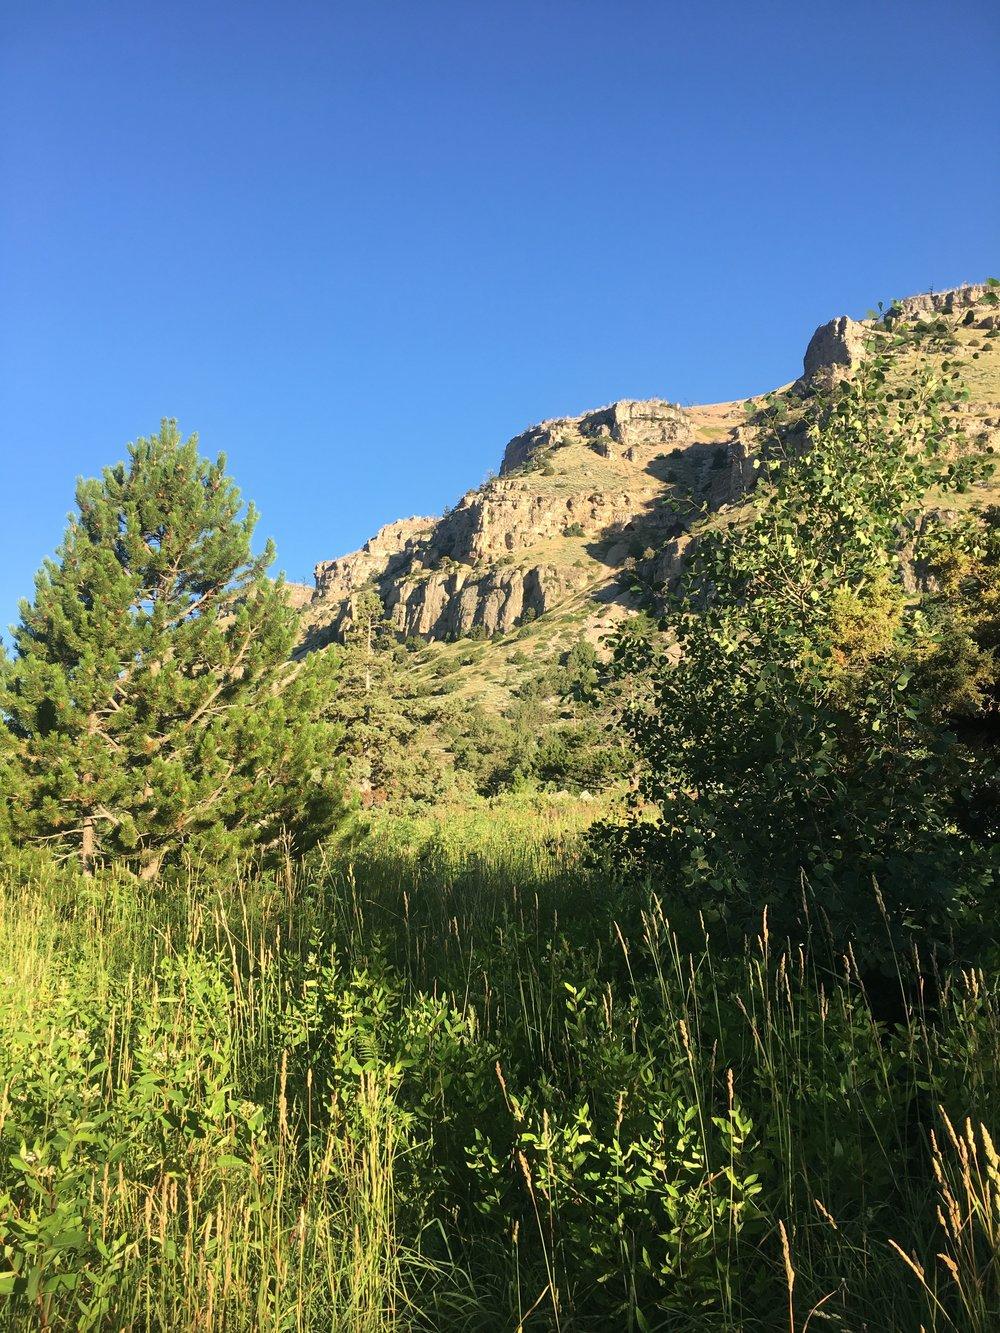 cliff-wyoming-camping-blog.jpg